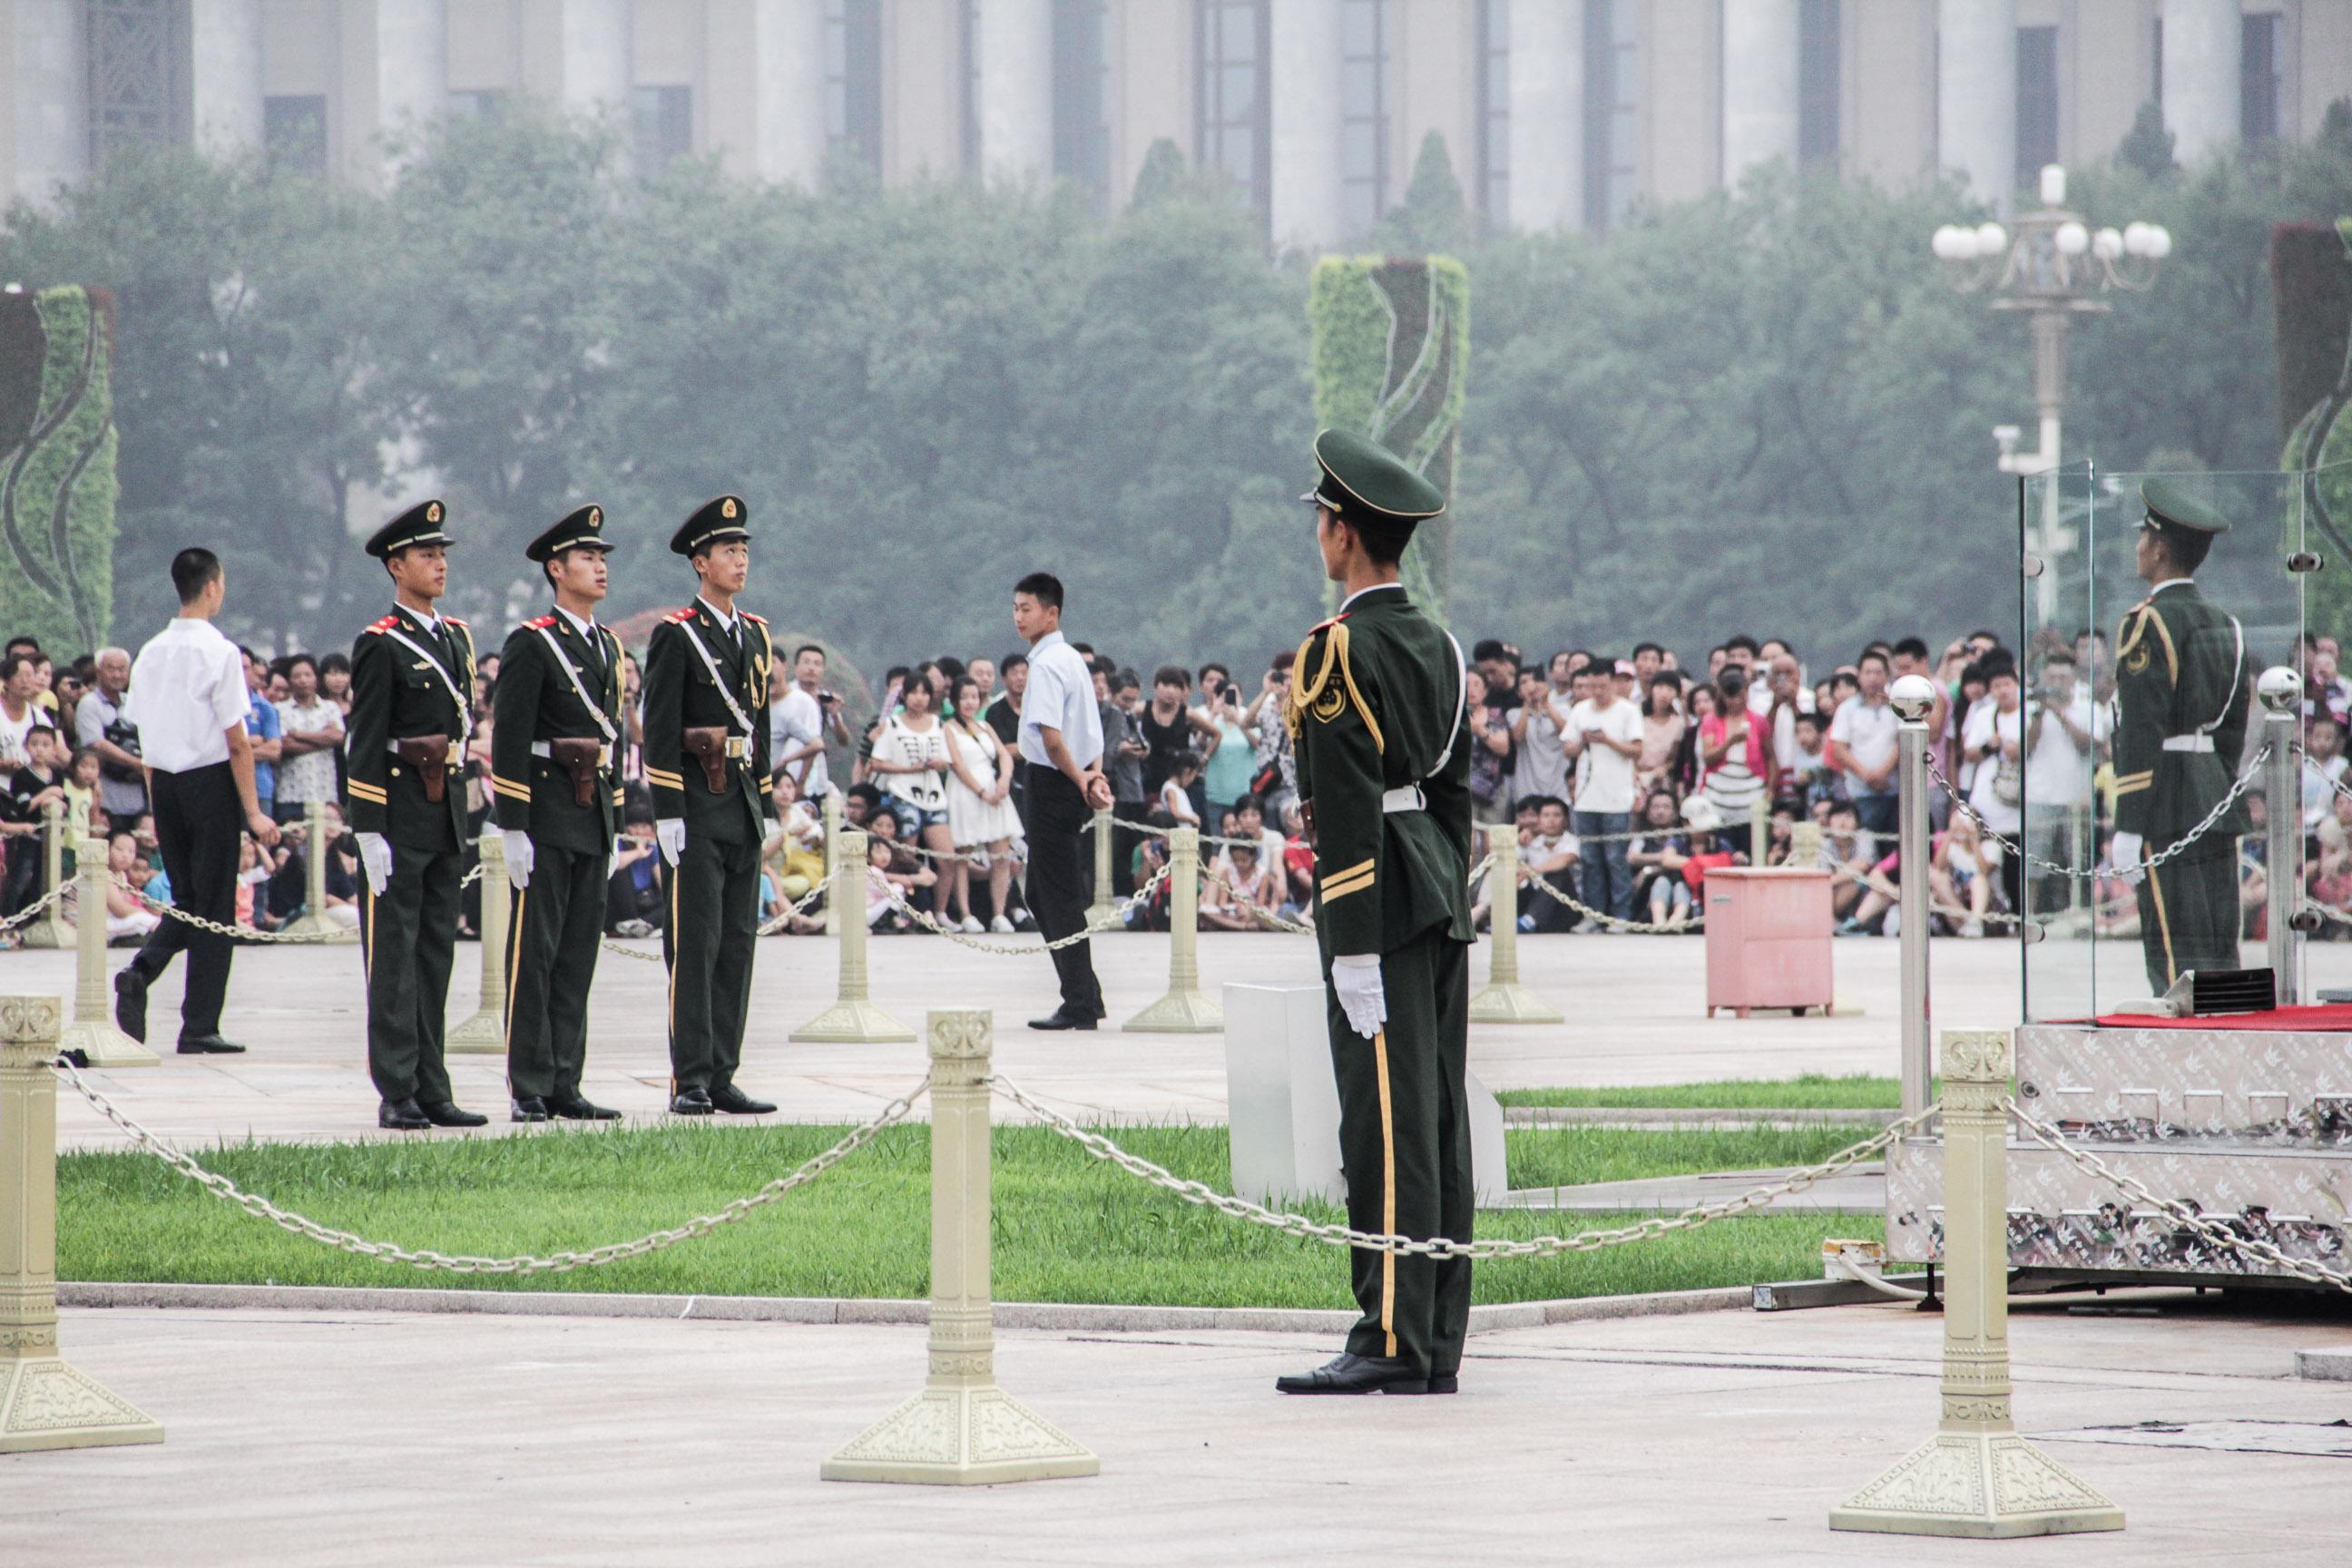 Cérémonie de baisser du drapeau sur la Place Tian'anmen